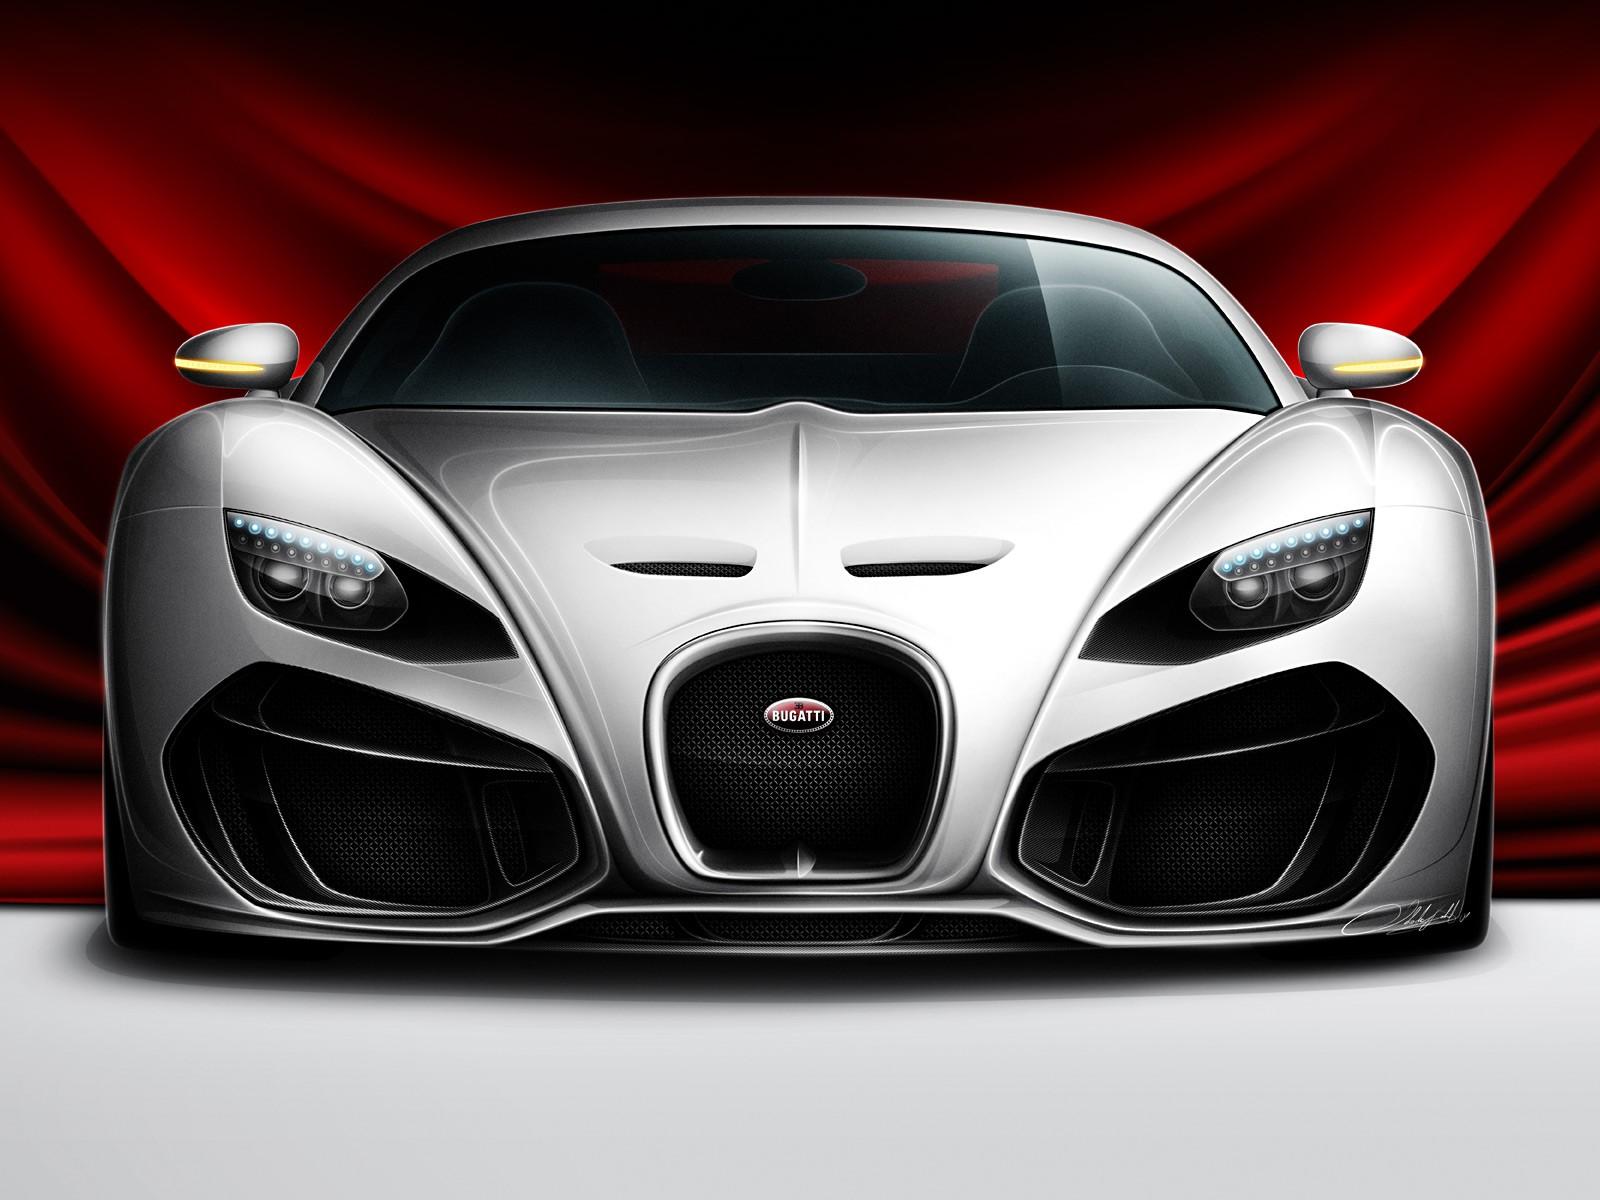 Bugatti venom concept front view hd